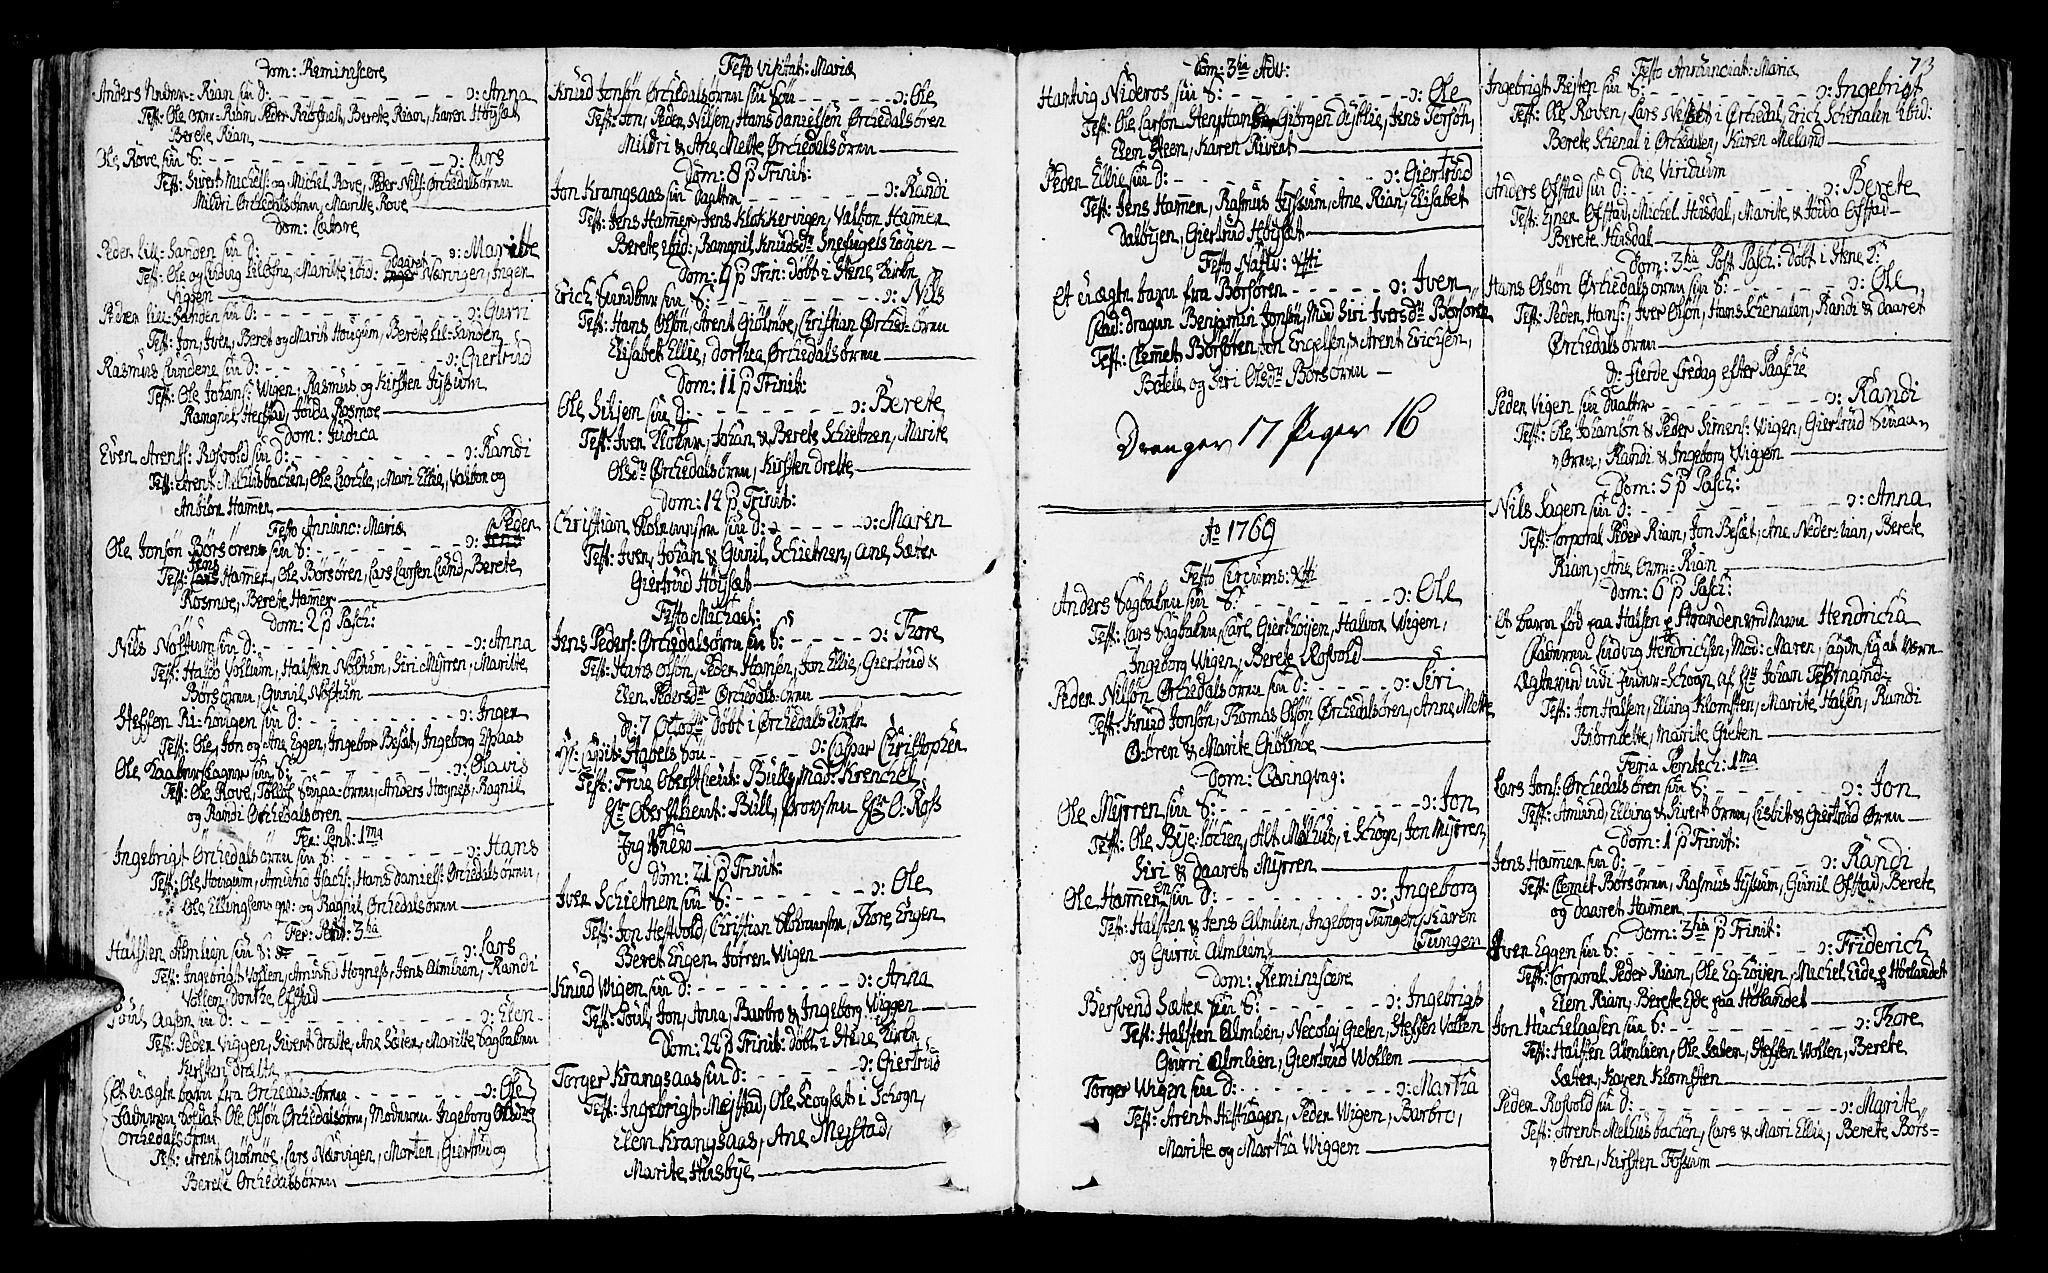 SAT, Ministerialprotokoller, klokkerbøker og fødselsregistre - Sør-Trøndelag, 665/L0768: Ministerialbok nr. 665A03, 1754-1803, s. 73